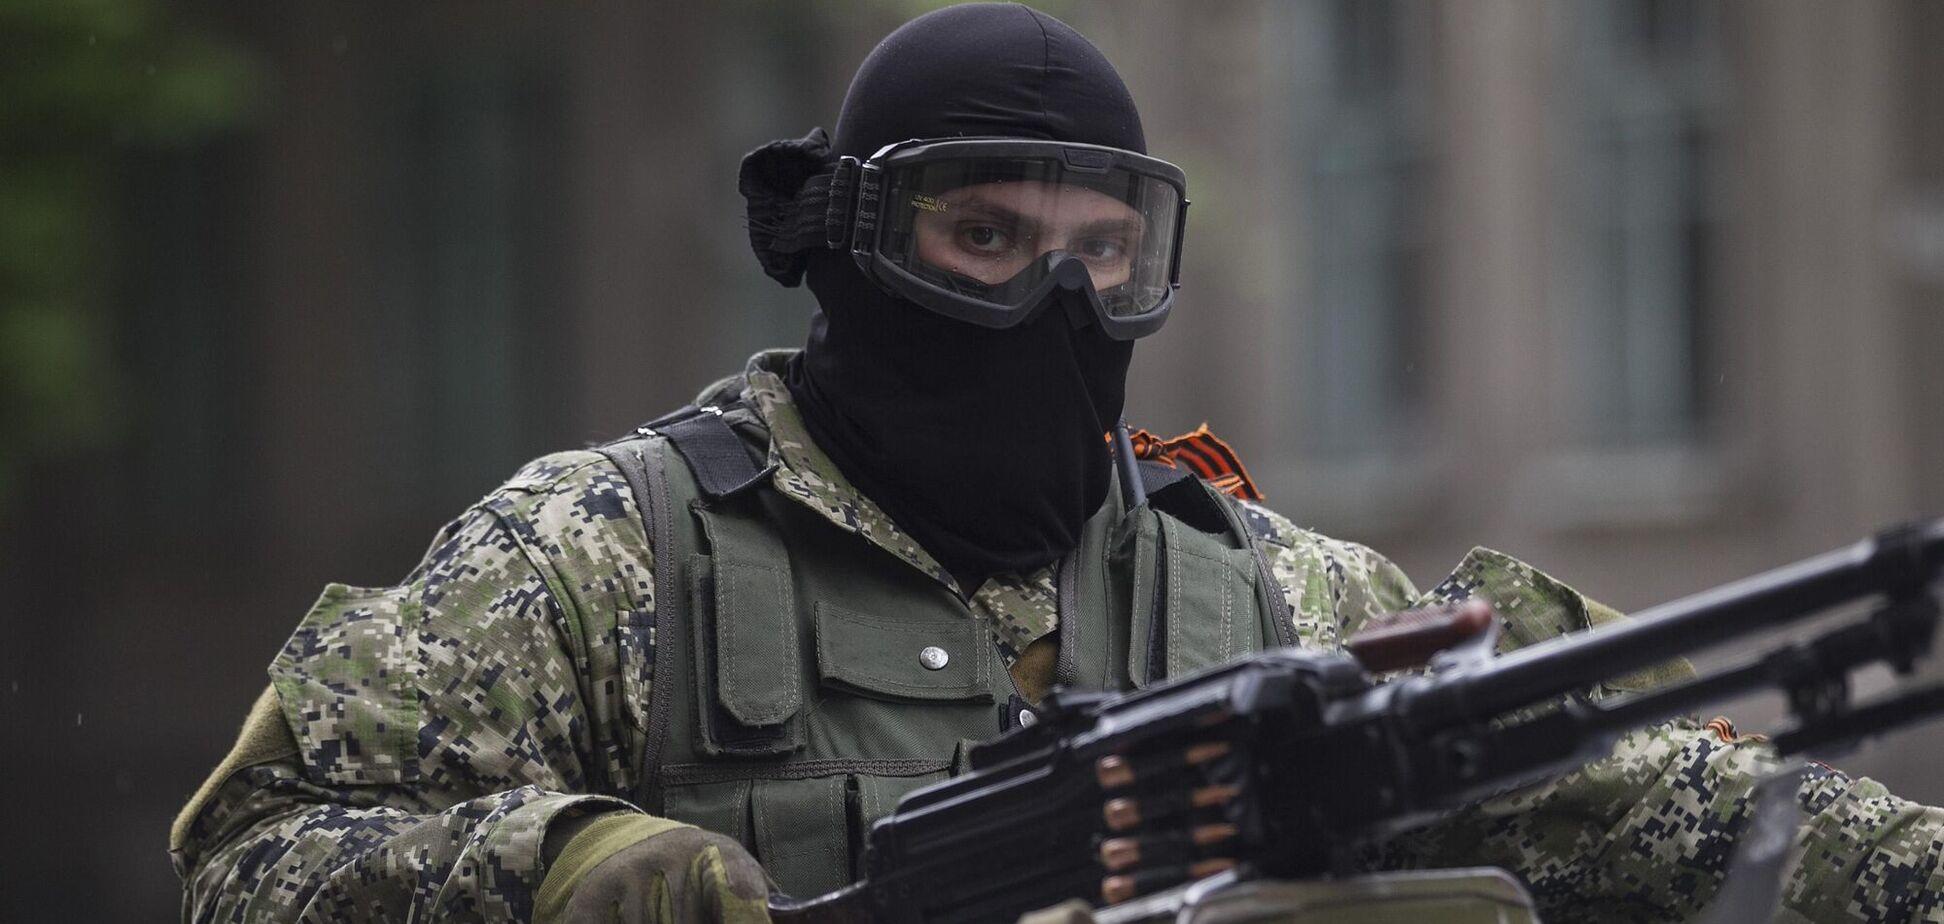 На Донбасі поранили українського військового: деталі атаки 'Л/ДНР'